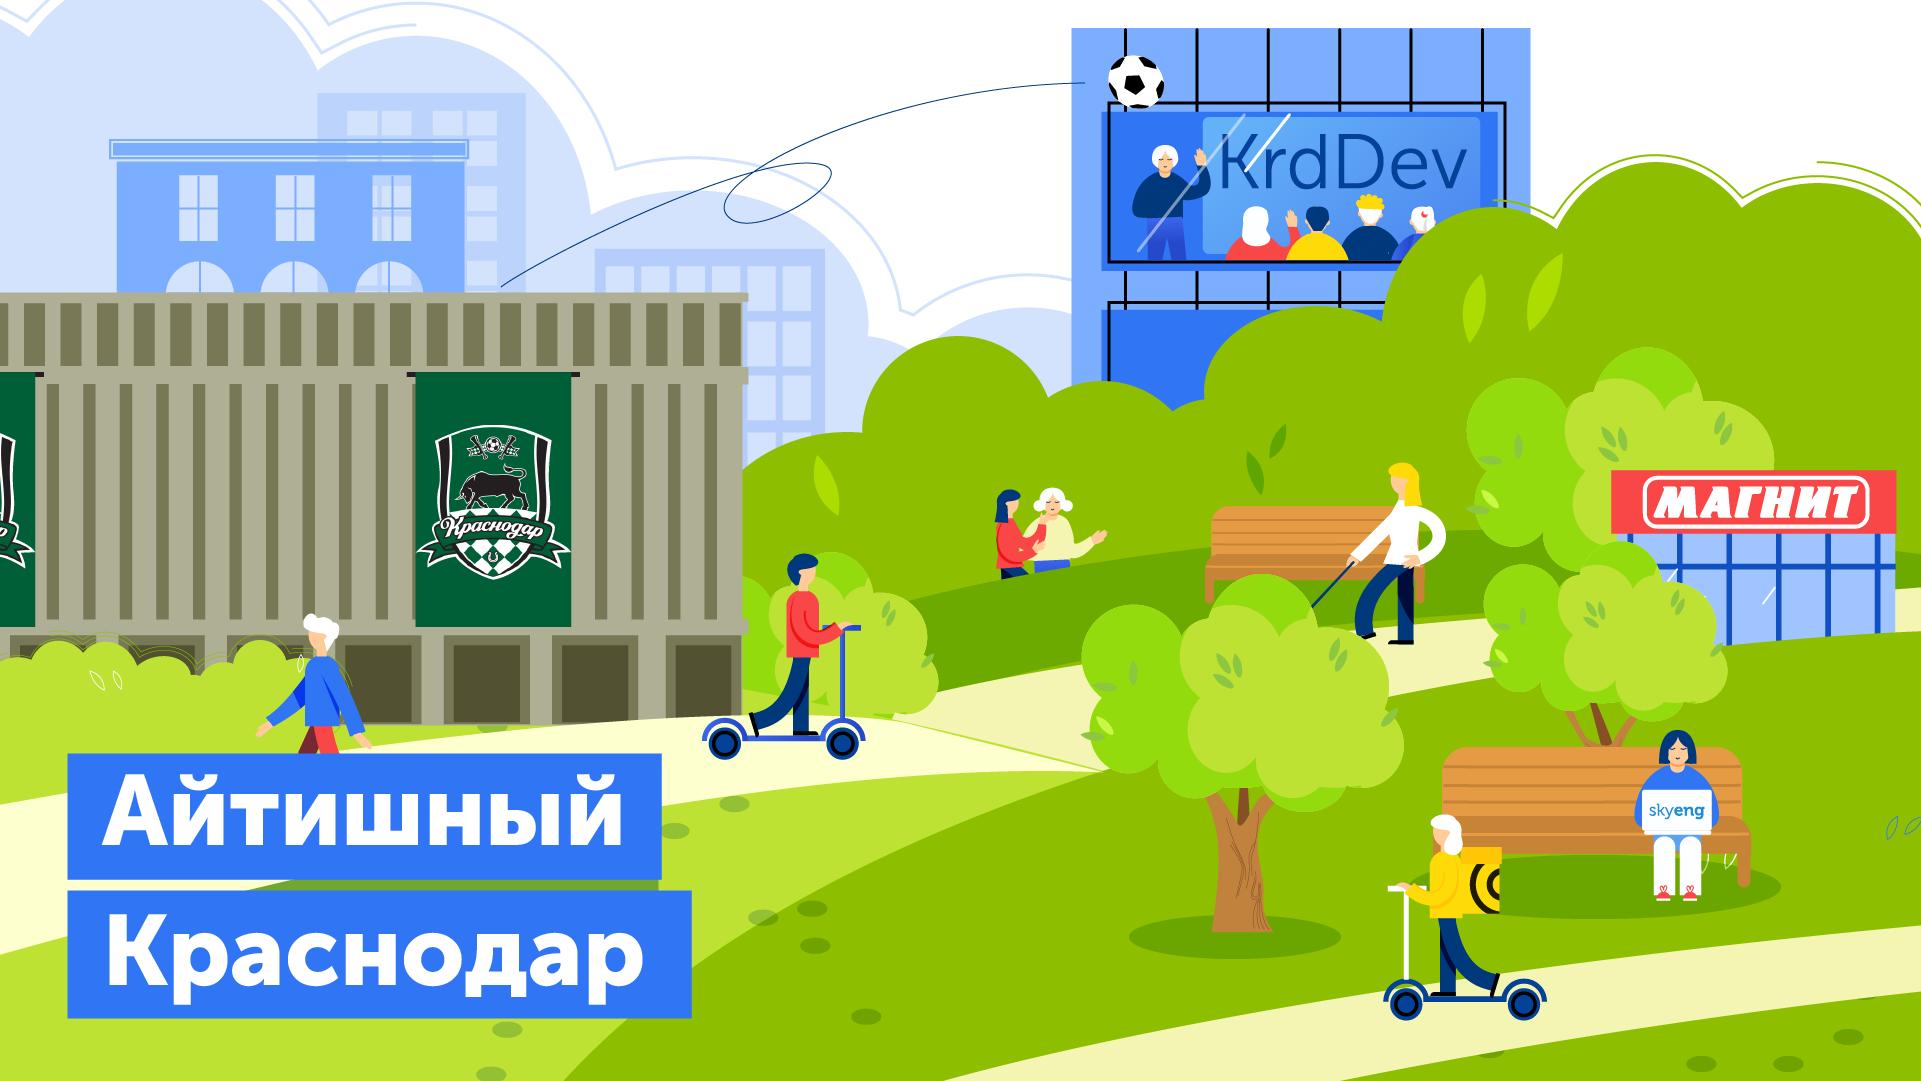 Как живут и работают в Краснодаре - 1